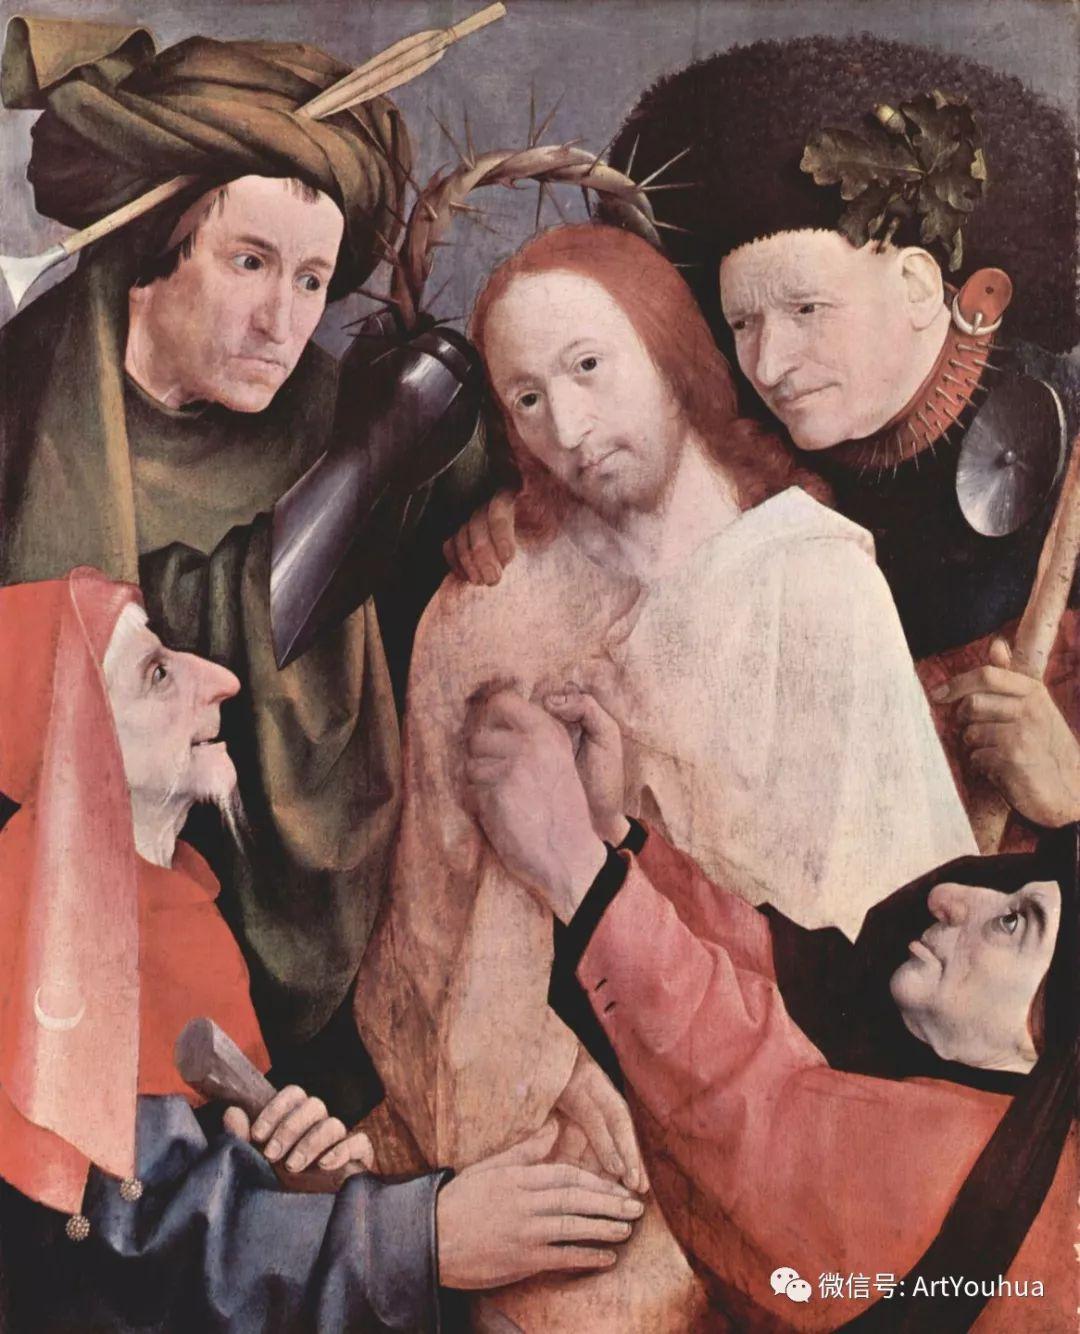 连载No.3 一生要知道的100位世界著名画家之希罗尼穆斯·波希插图33